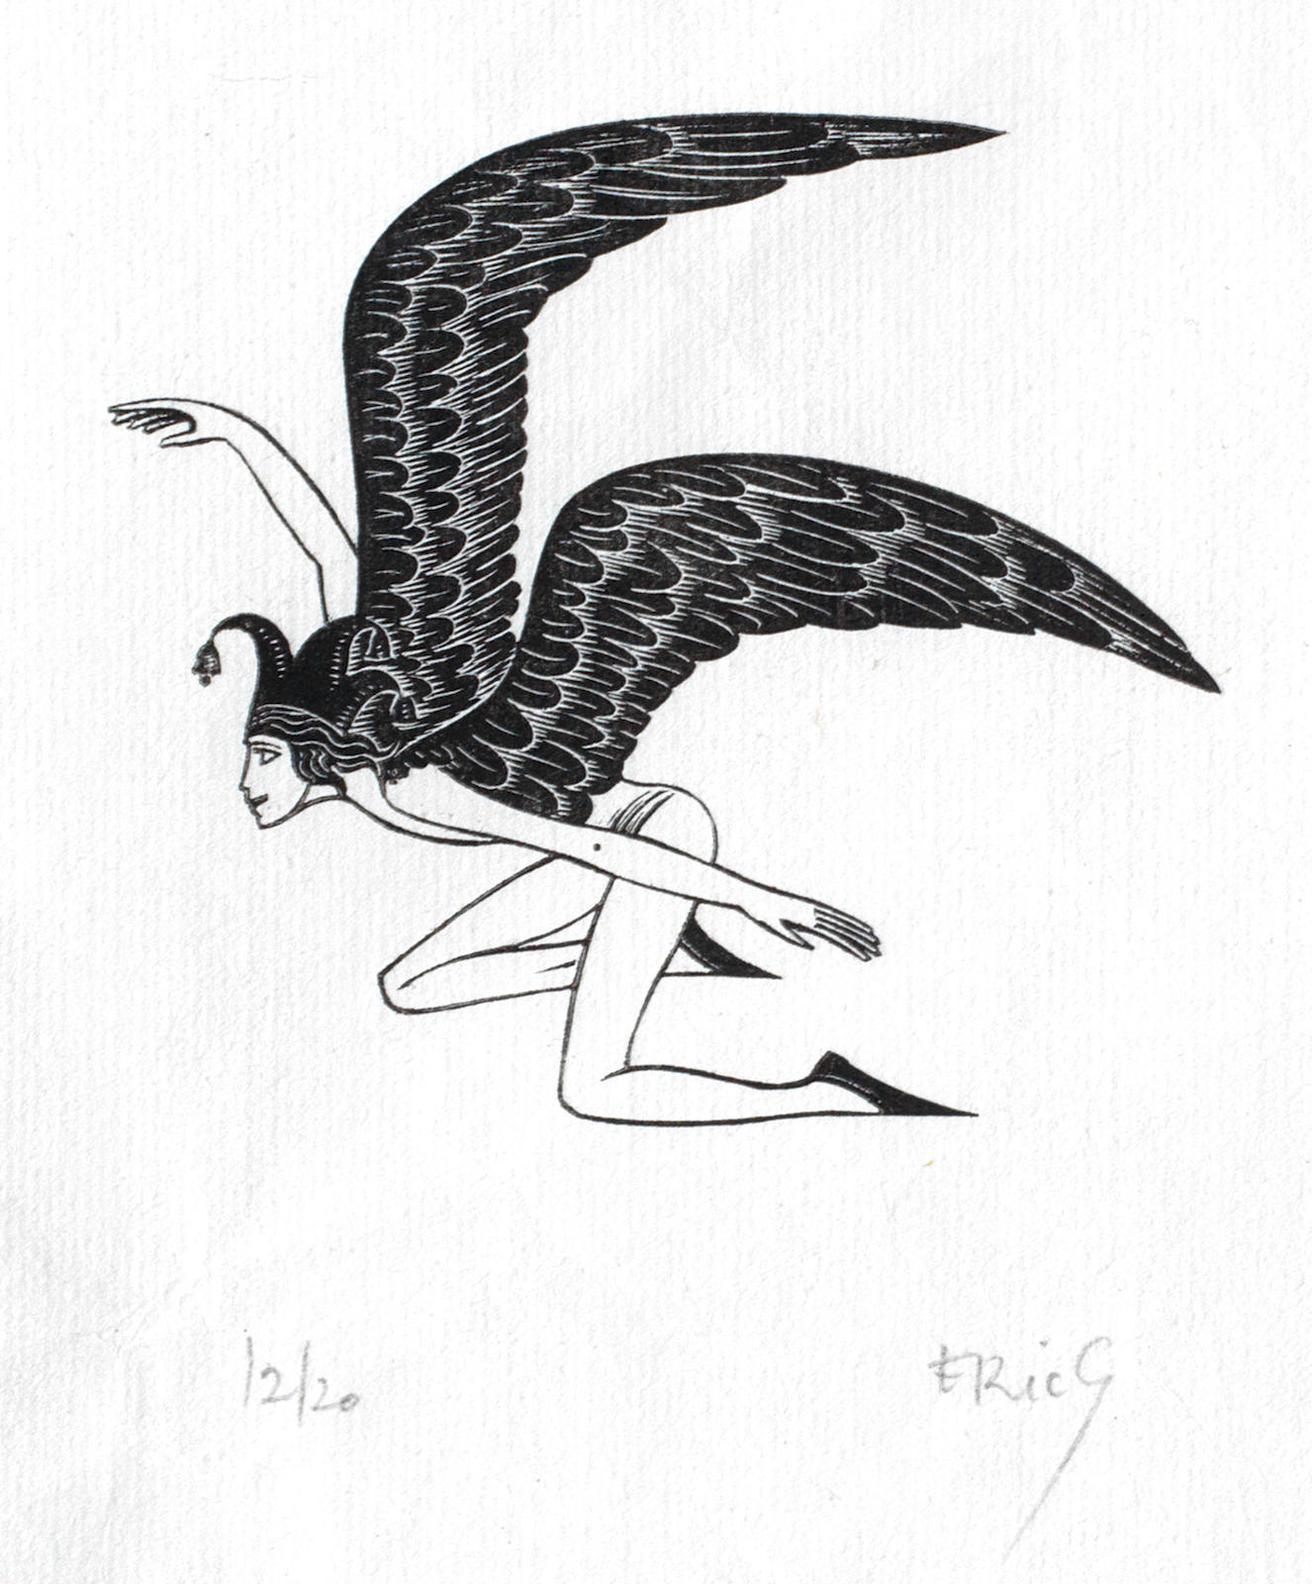 Eric Gill-A Collection (Skelton P31, P179, P187, P226, P227, P228, P327, P334, P490, P577, P602, P761, P762, P763, P764, P858, P859)-1934